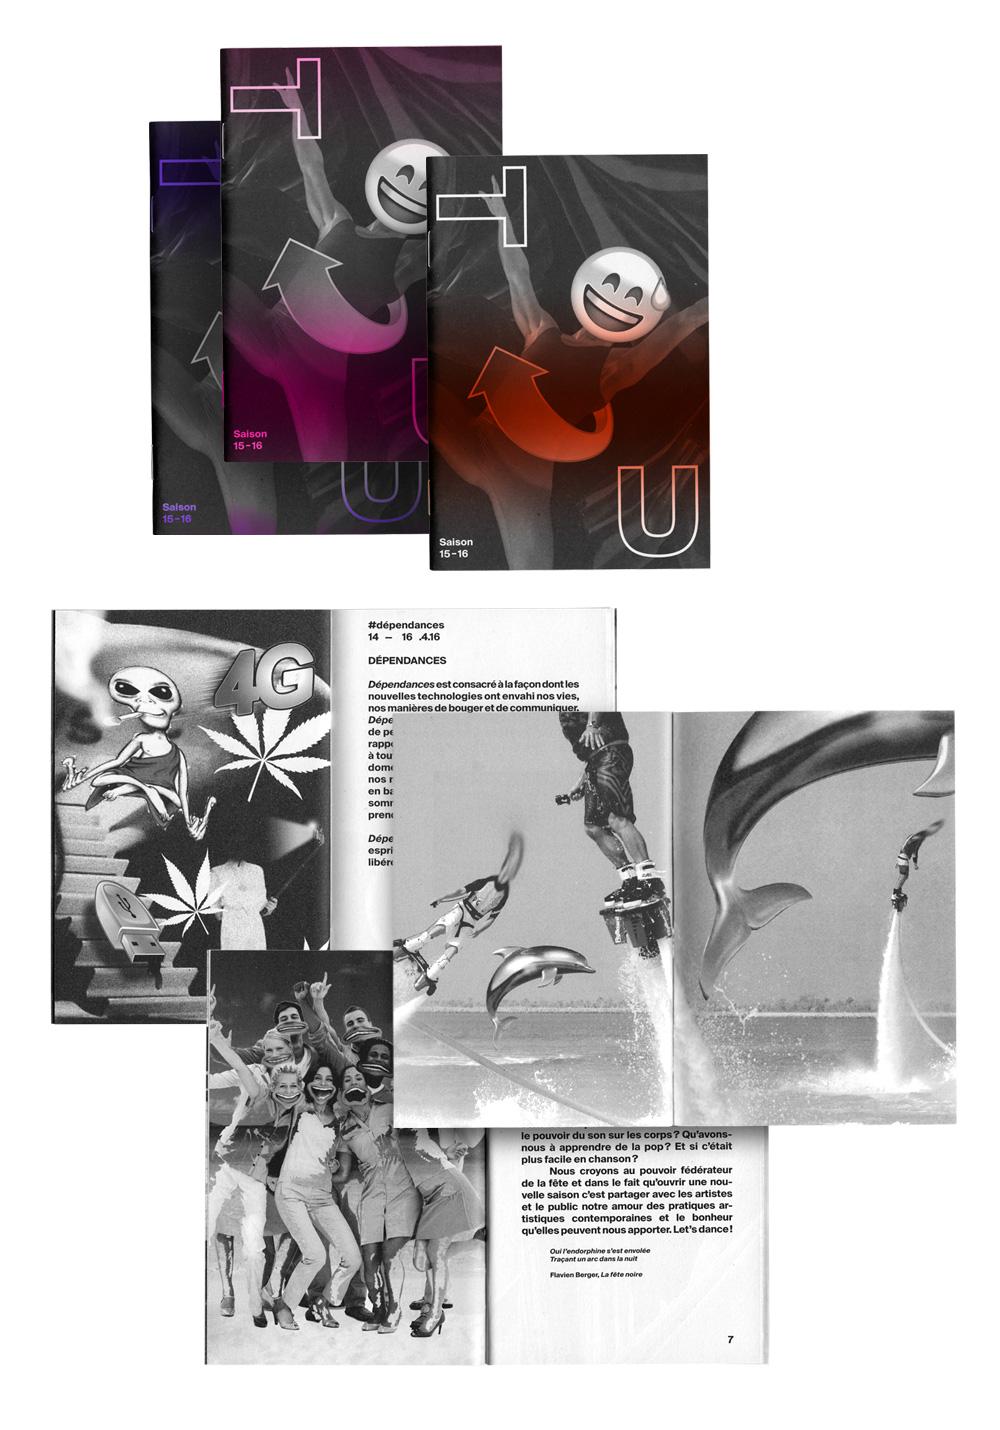 AMI-TU-programme-1516